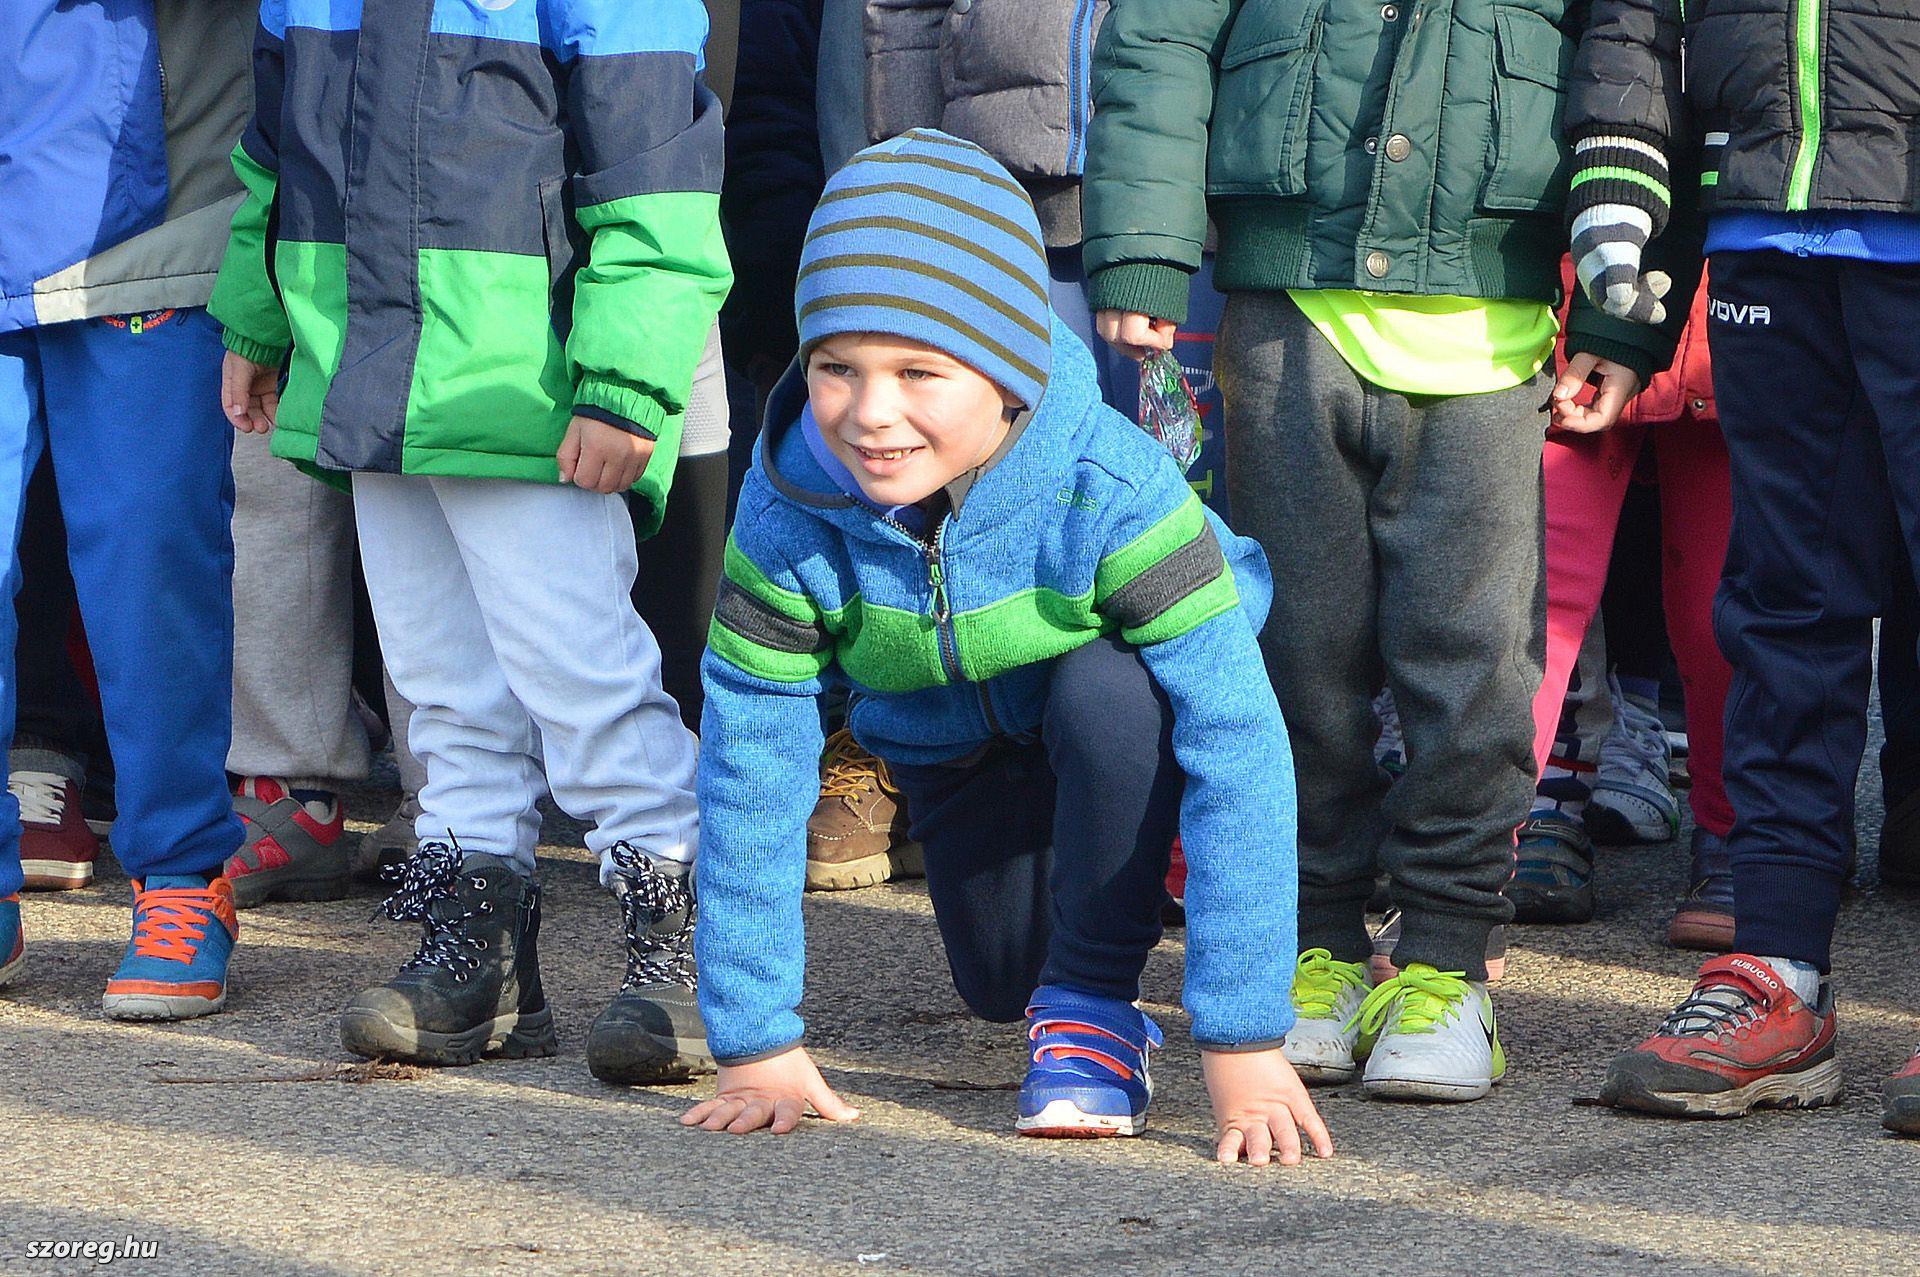 Kicsik és nagyok futottak Szőregen